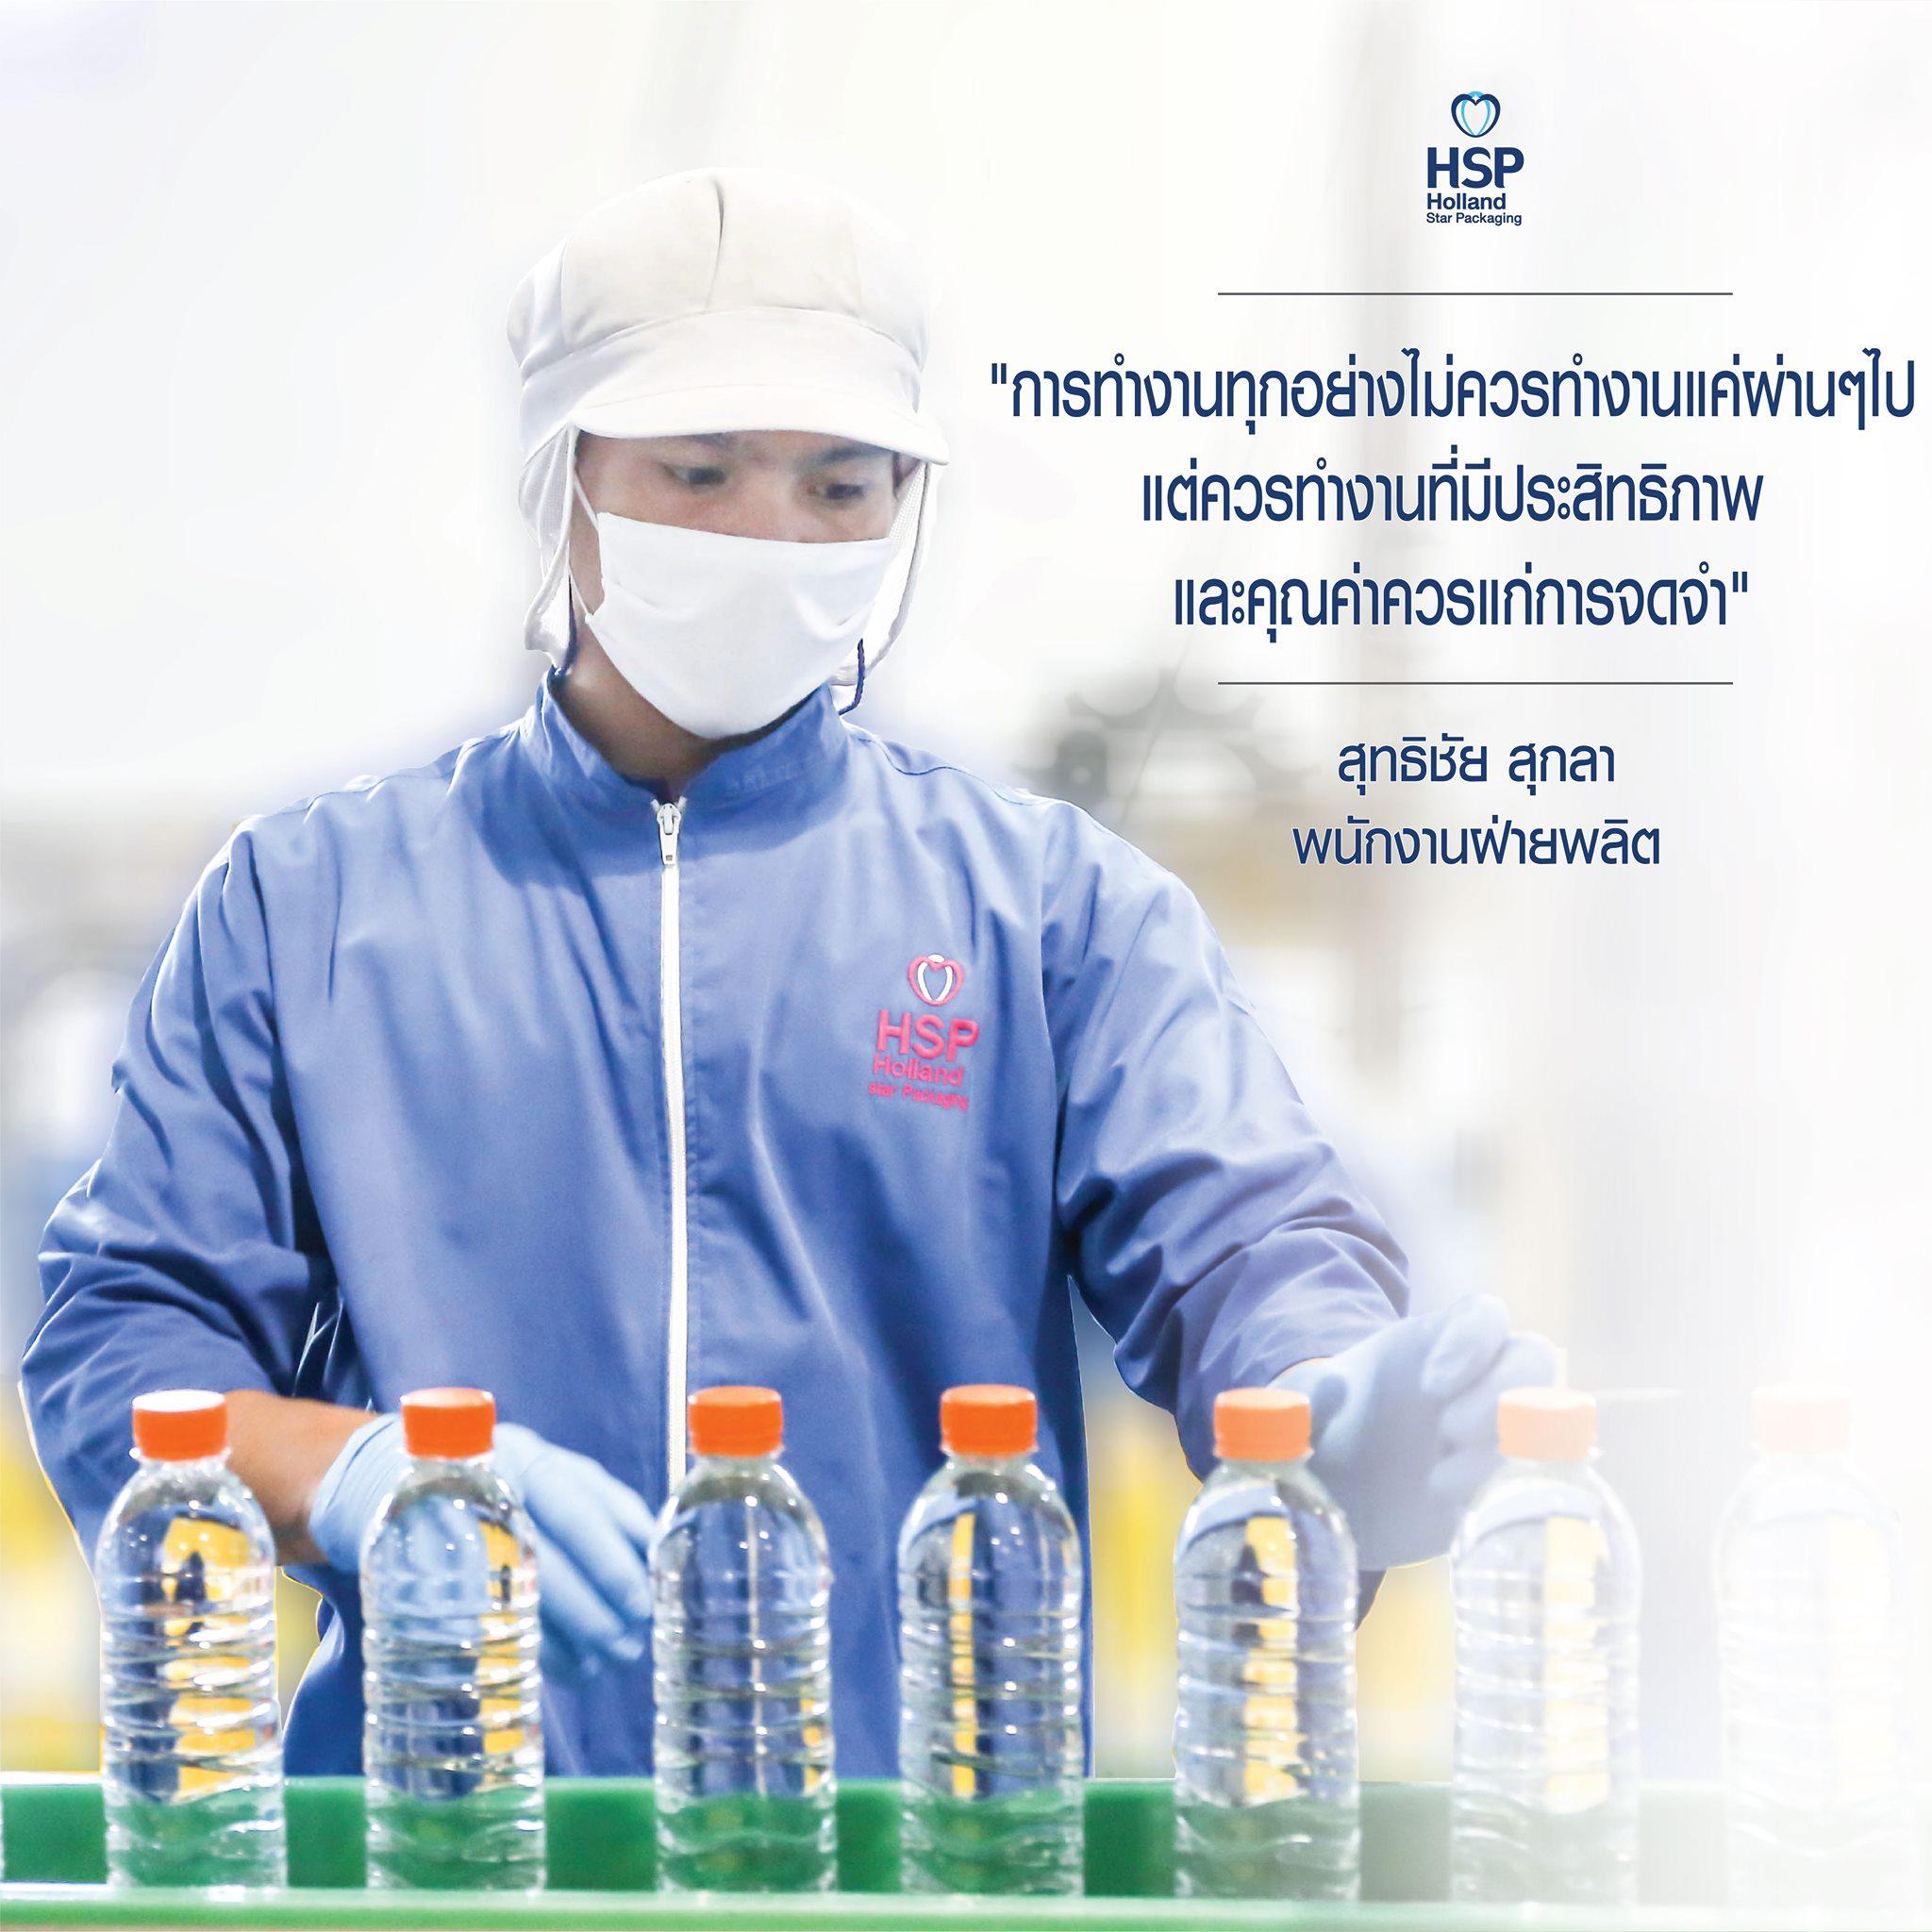 hsp-motto-25-hsppackaging-oem-water